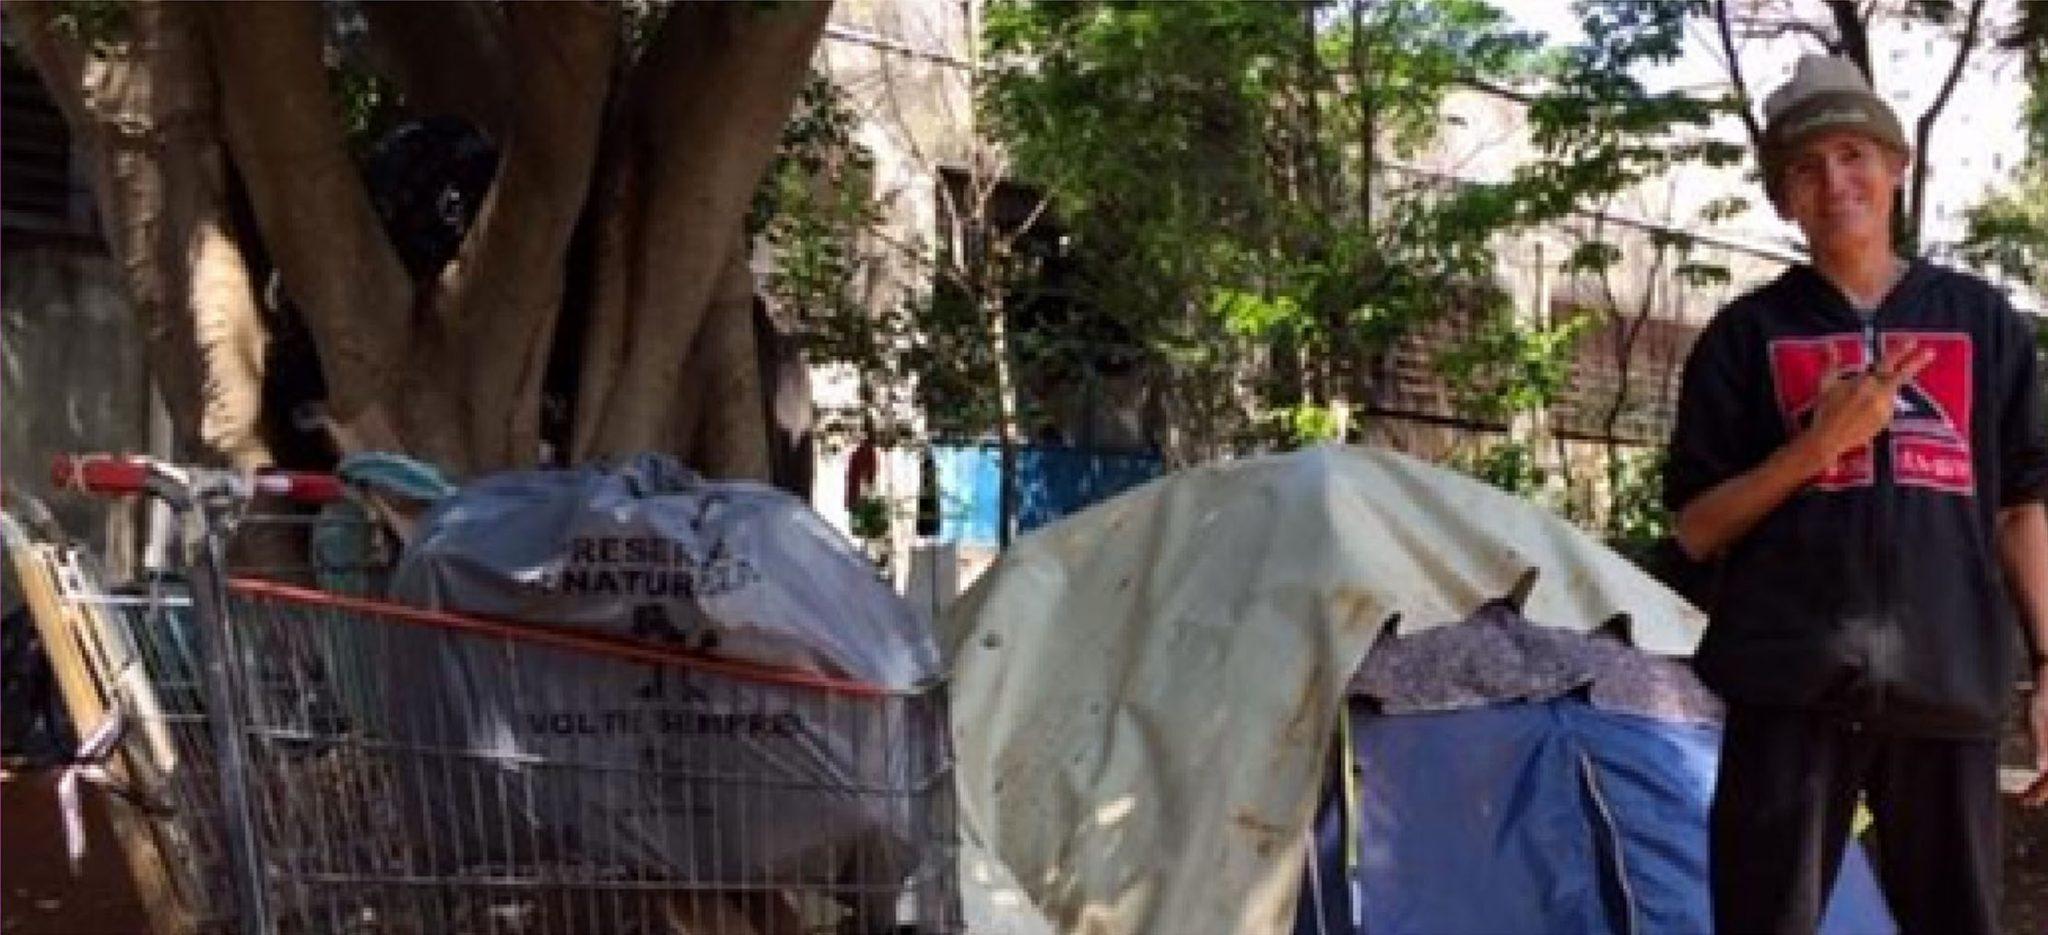 Projeto distribuirá carroças para ajudar pessoas em situação de rua terem uma renda (SP) 3